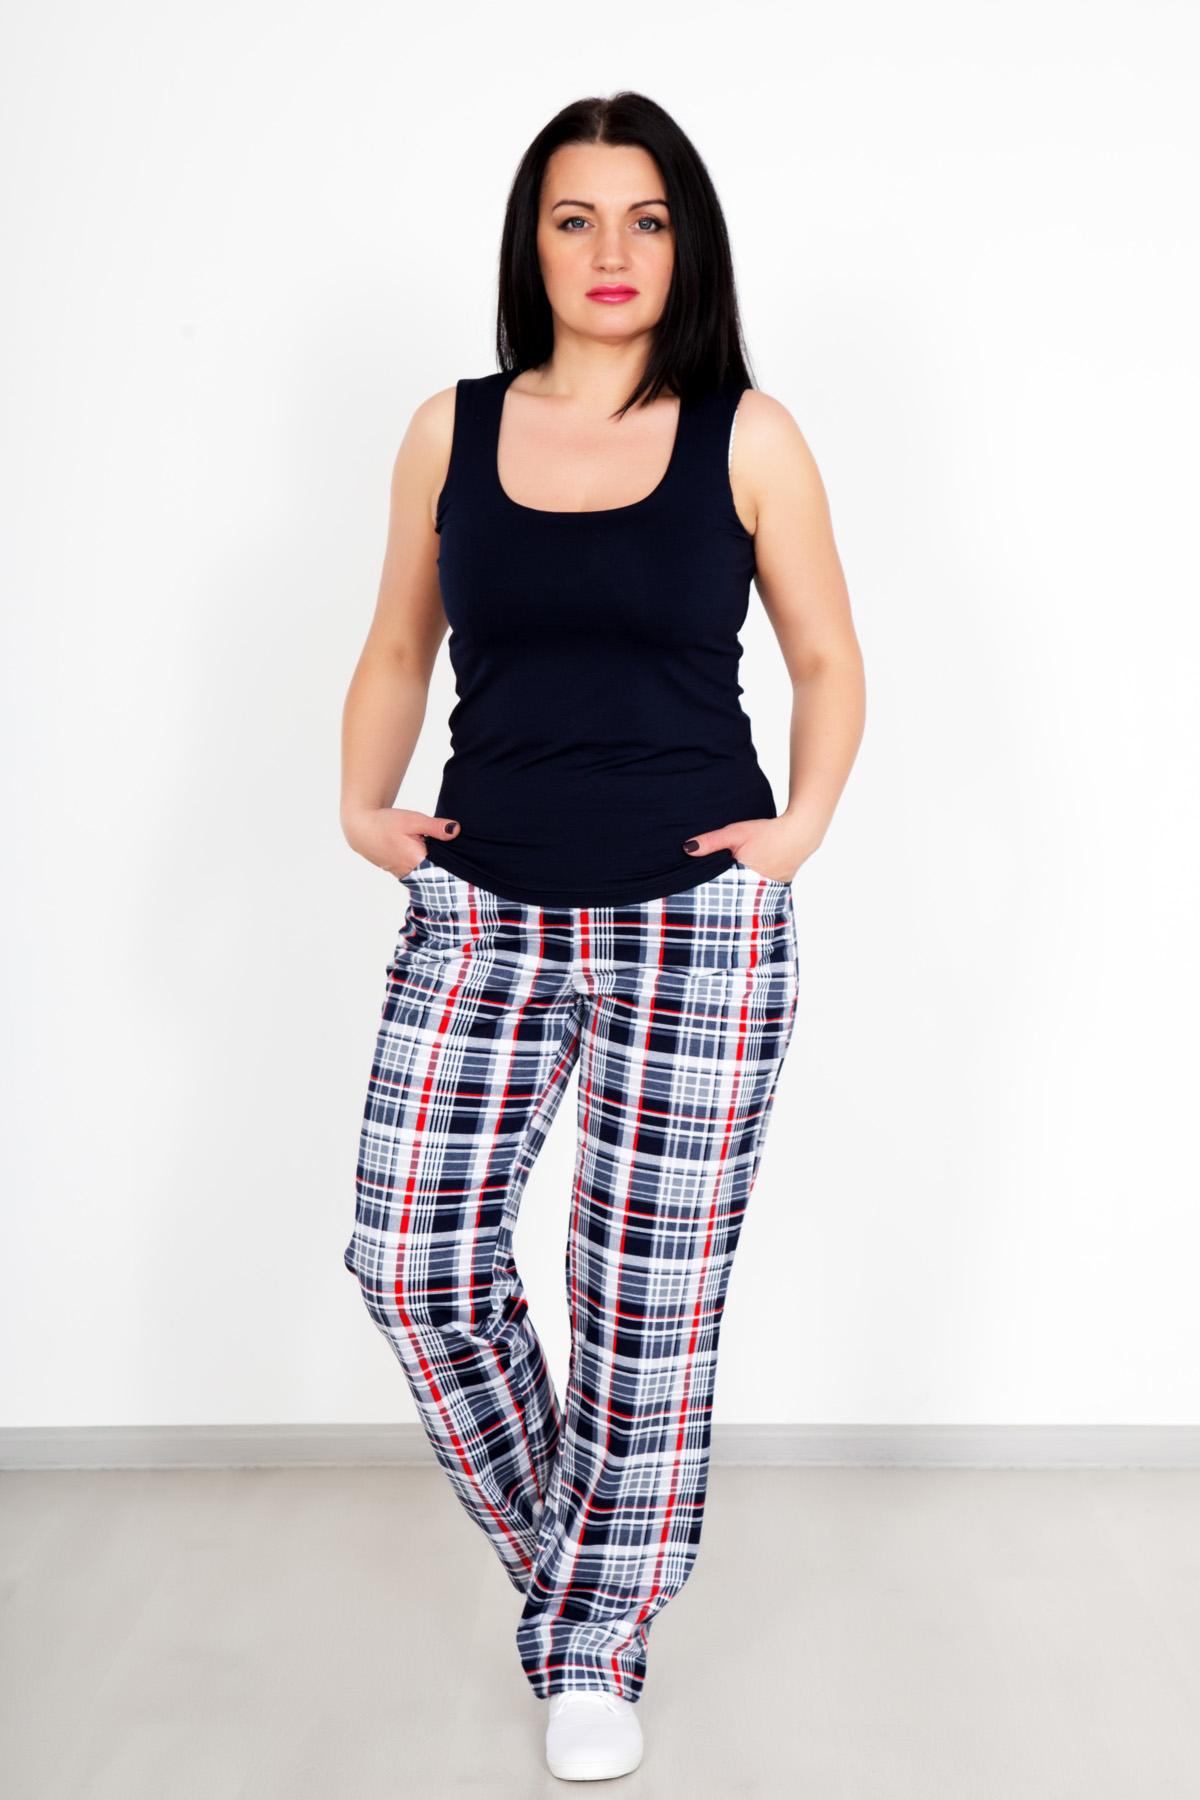 Жен. брюки Уют р. 54Распродажа женской одежды<br>Обхват груди: 108 см <br>Обхват талии: 88 см <br>Обхват бедер: 116 см <br>Высота посадки: 26 см <br>Длина брючин по внут. шву: 80 см <br>Рост: 167 см<br><br>Тип: Жен. брюки<br>Размер: 54<br>Материал: Кулирка